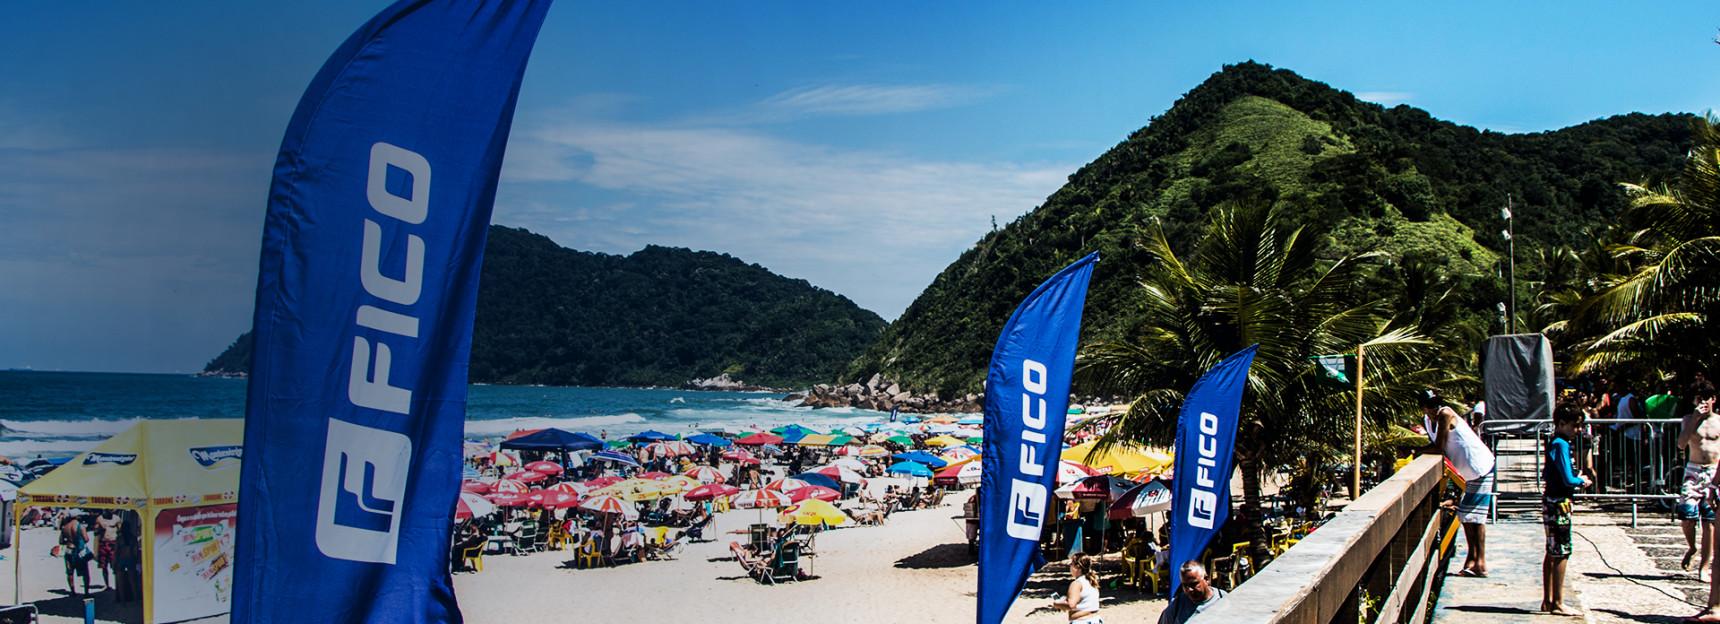 Campeões do FICO Surf Festival